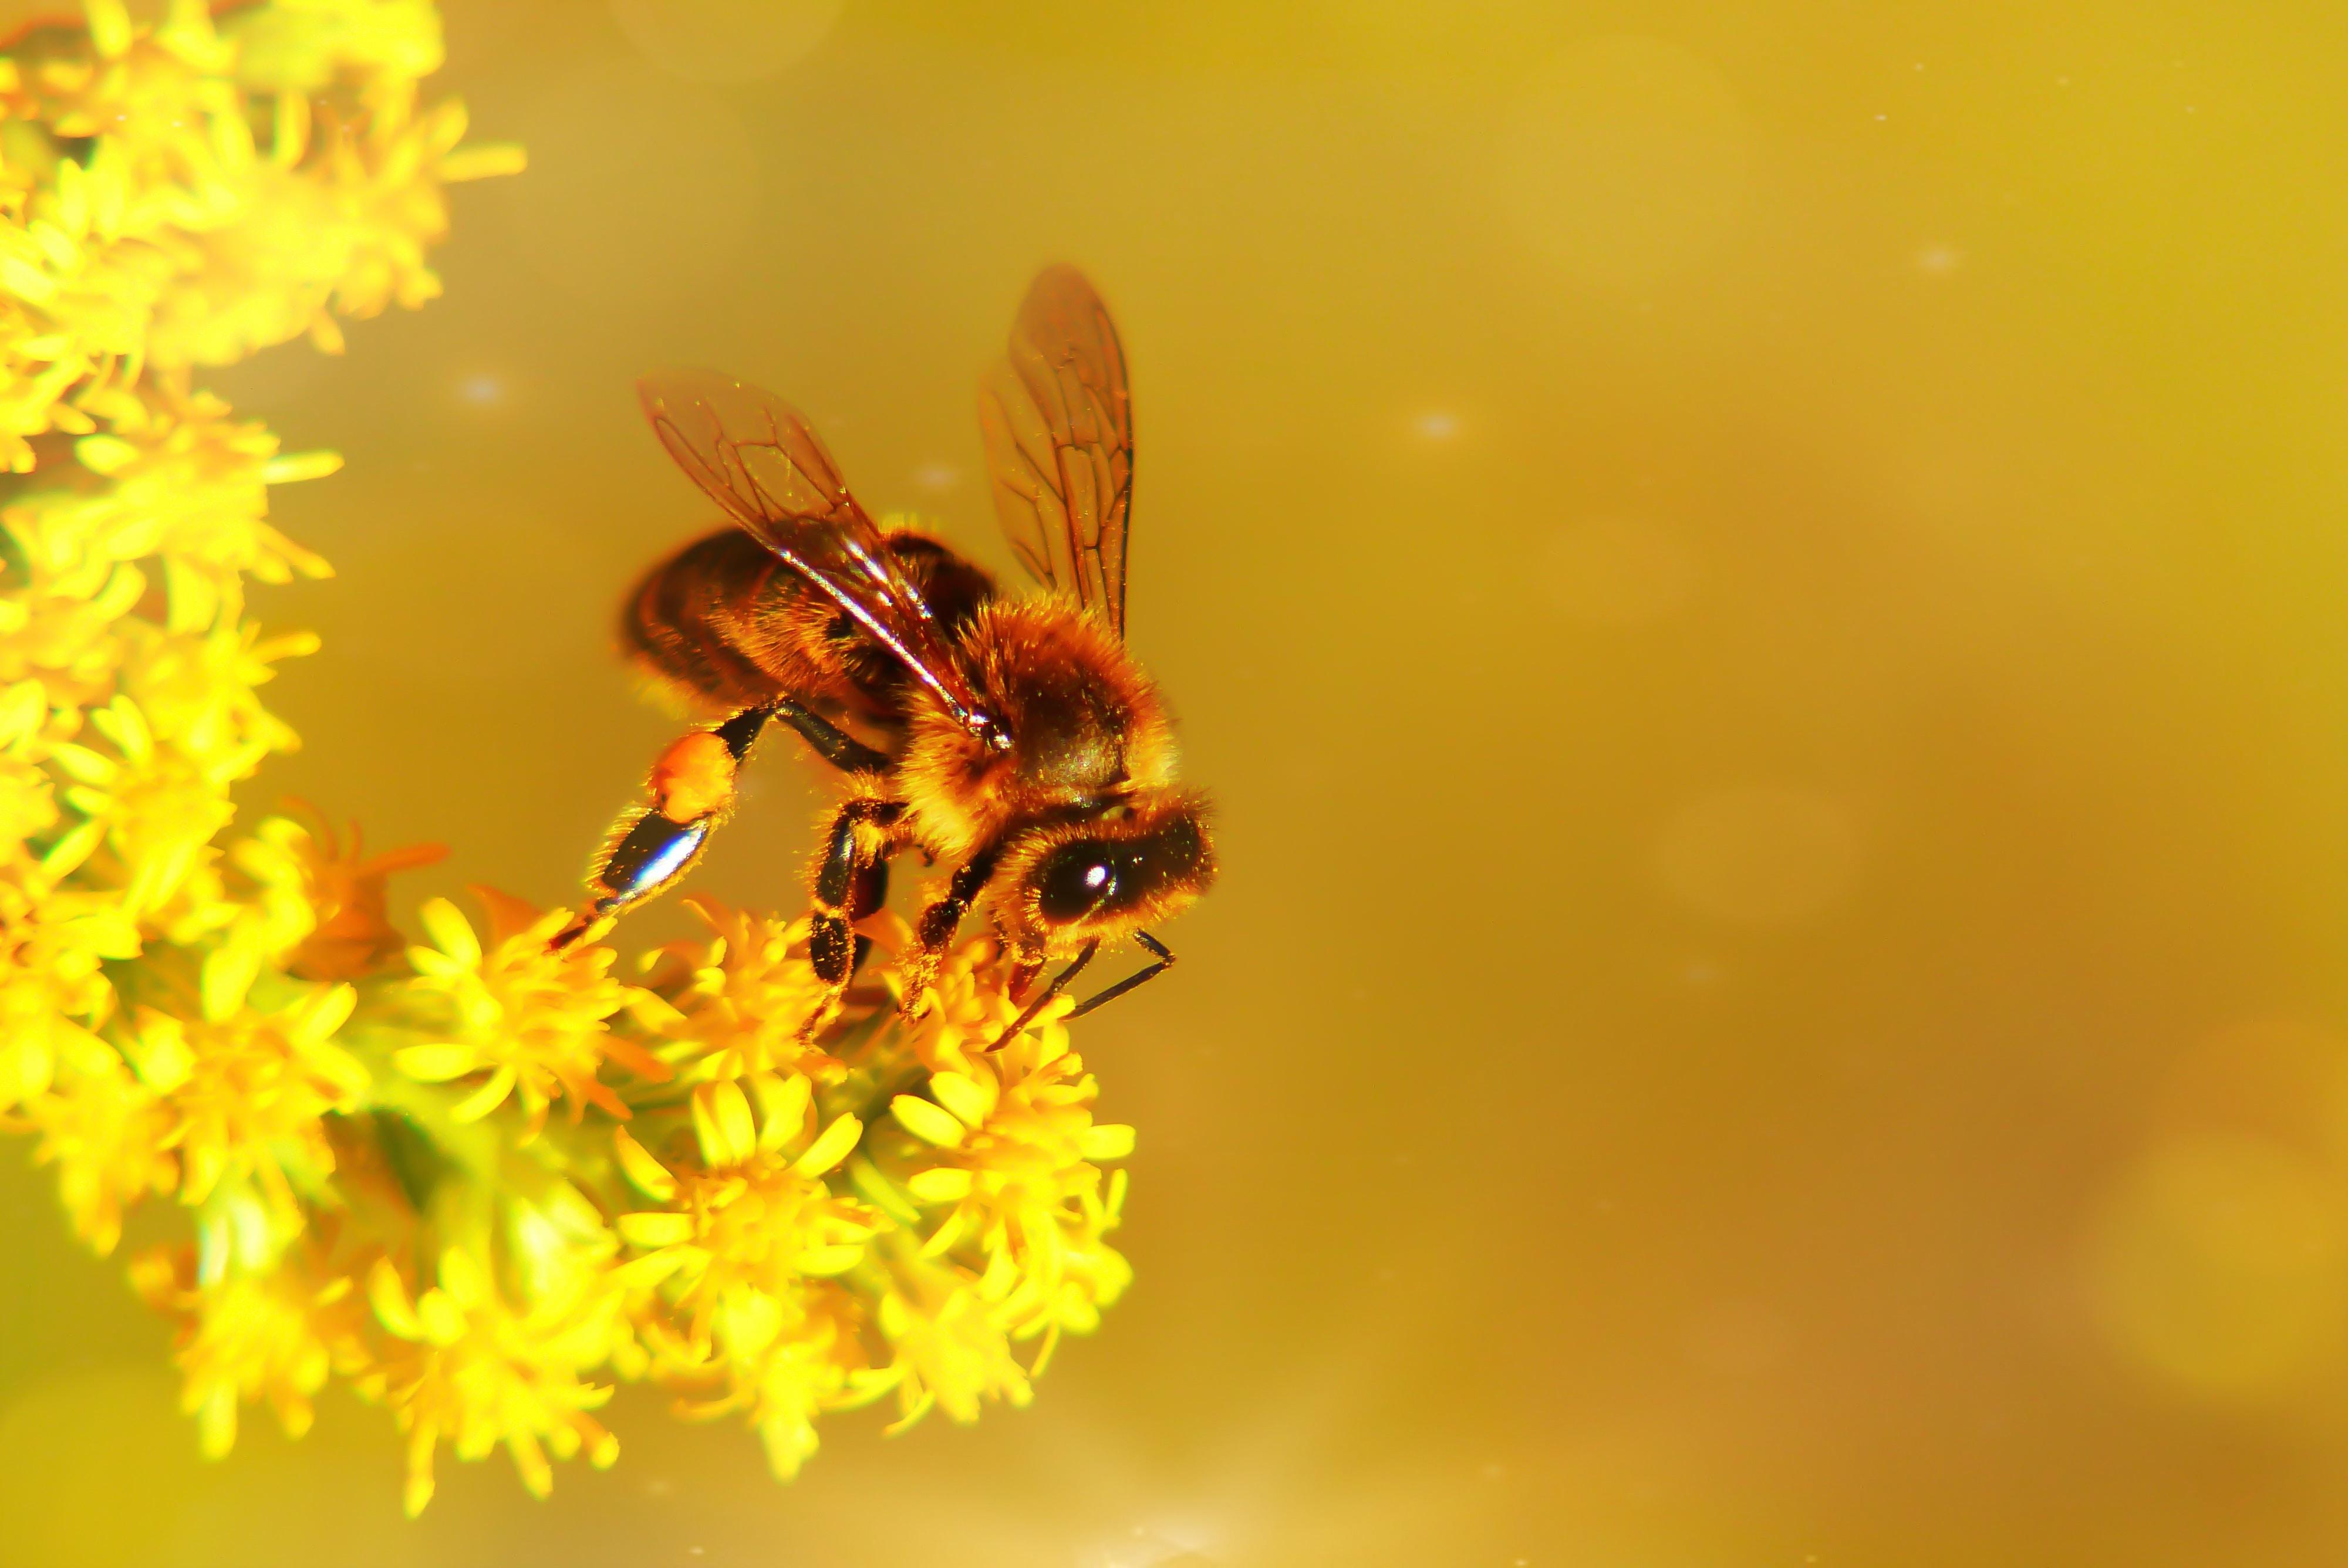 夢占いで蜂が意味するサインは?蜂が夢に出てきた夢の意味を解説